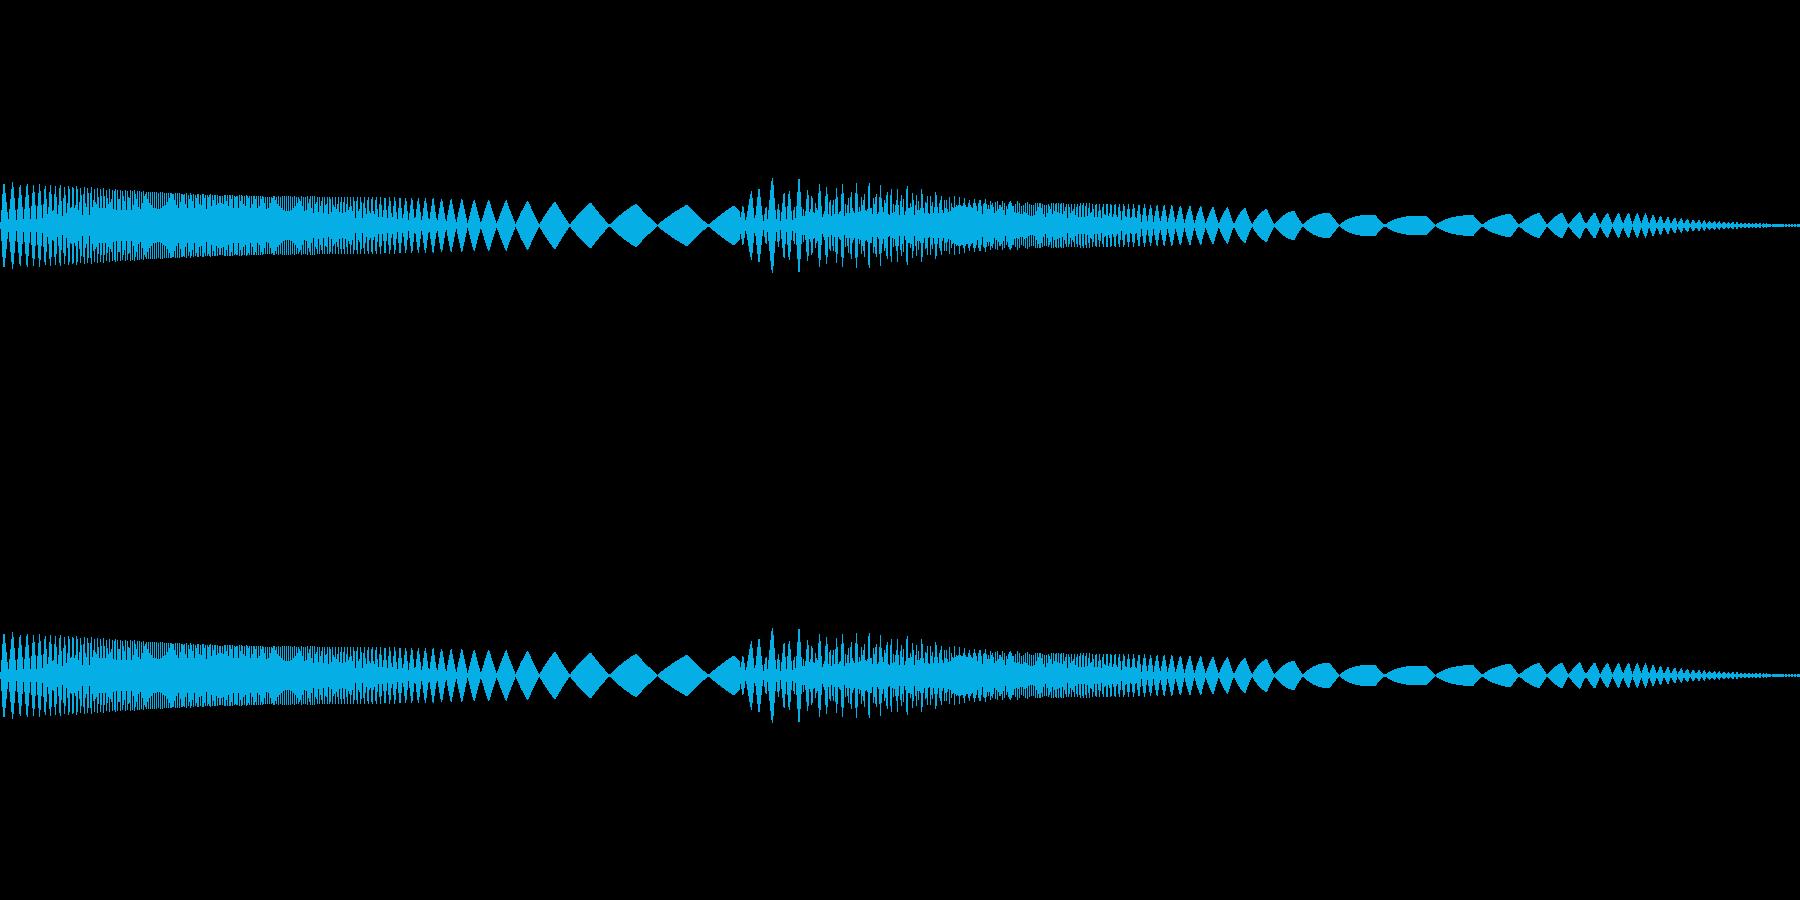 ピャピャ(可愛いキャラが登場する時など)の再生済みの波形